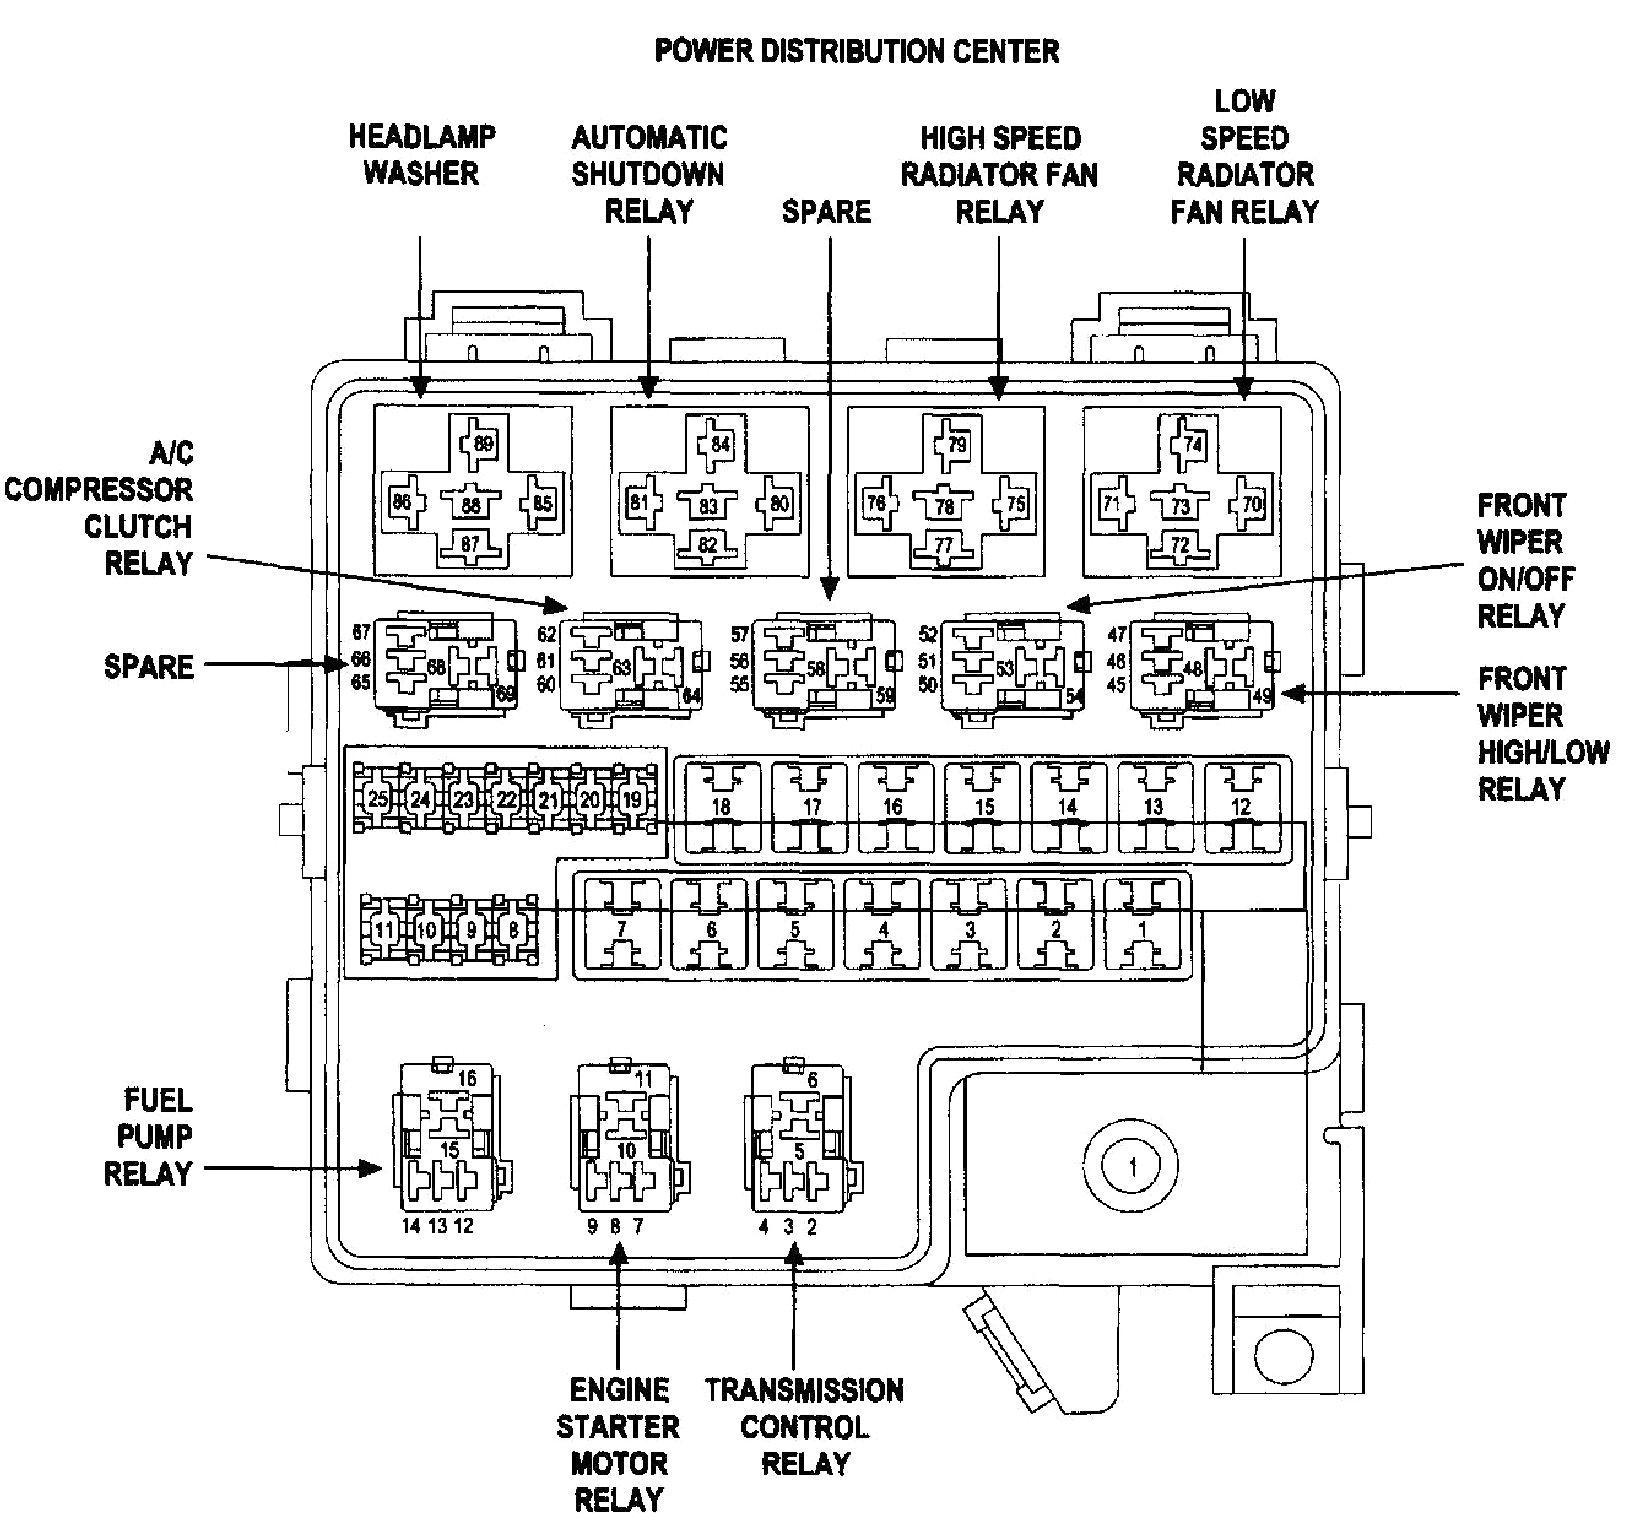 2004 Dodge Stratus Fuse Box : Diagram In Pictures Database